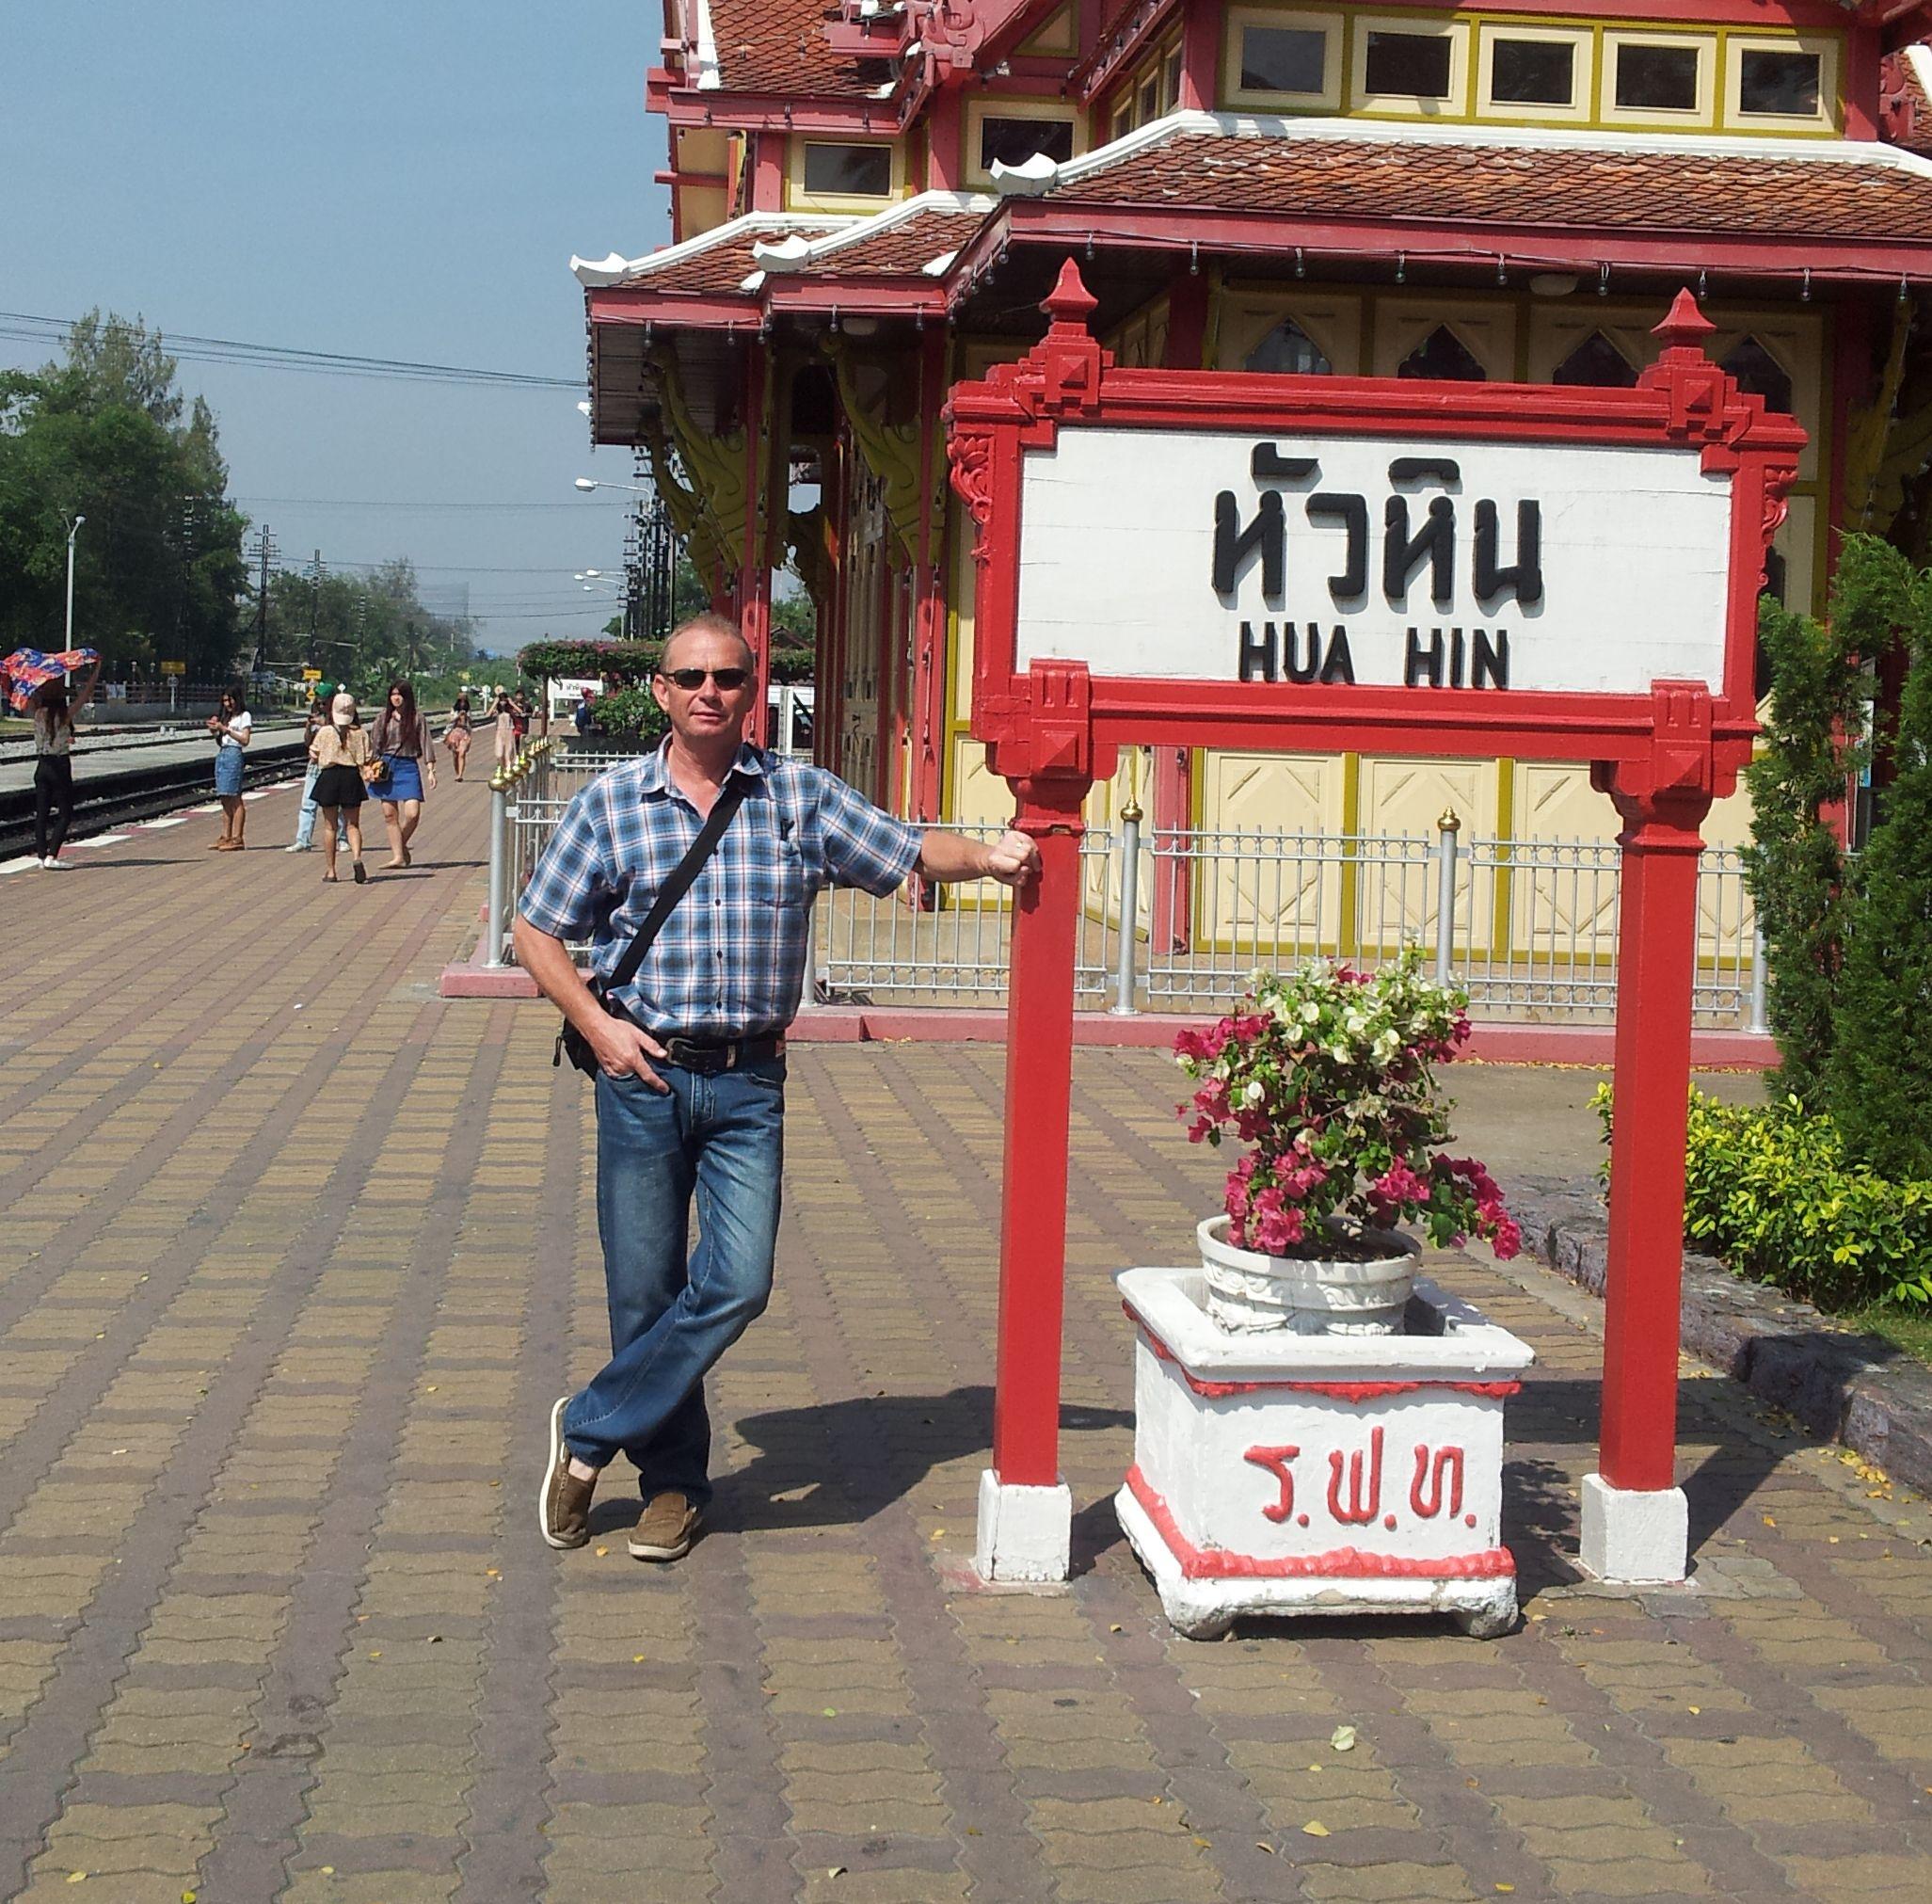 Uwe Bahnhof Hua Hin